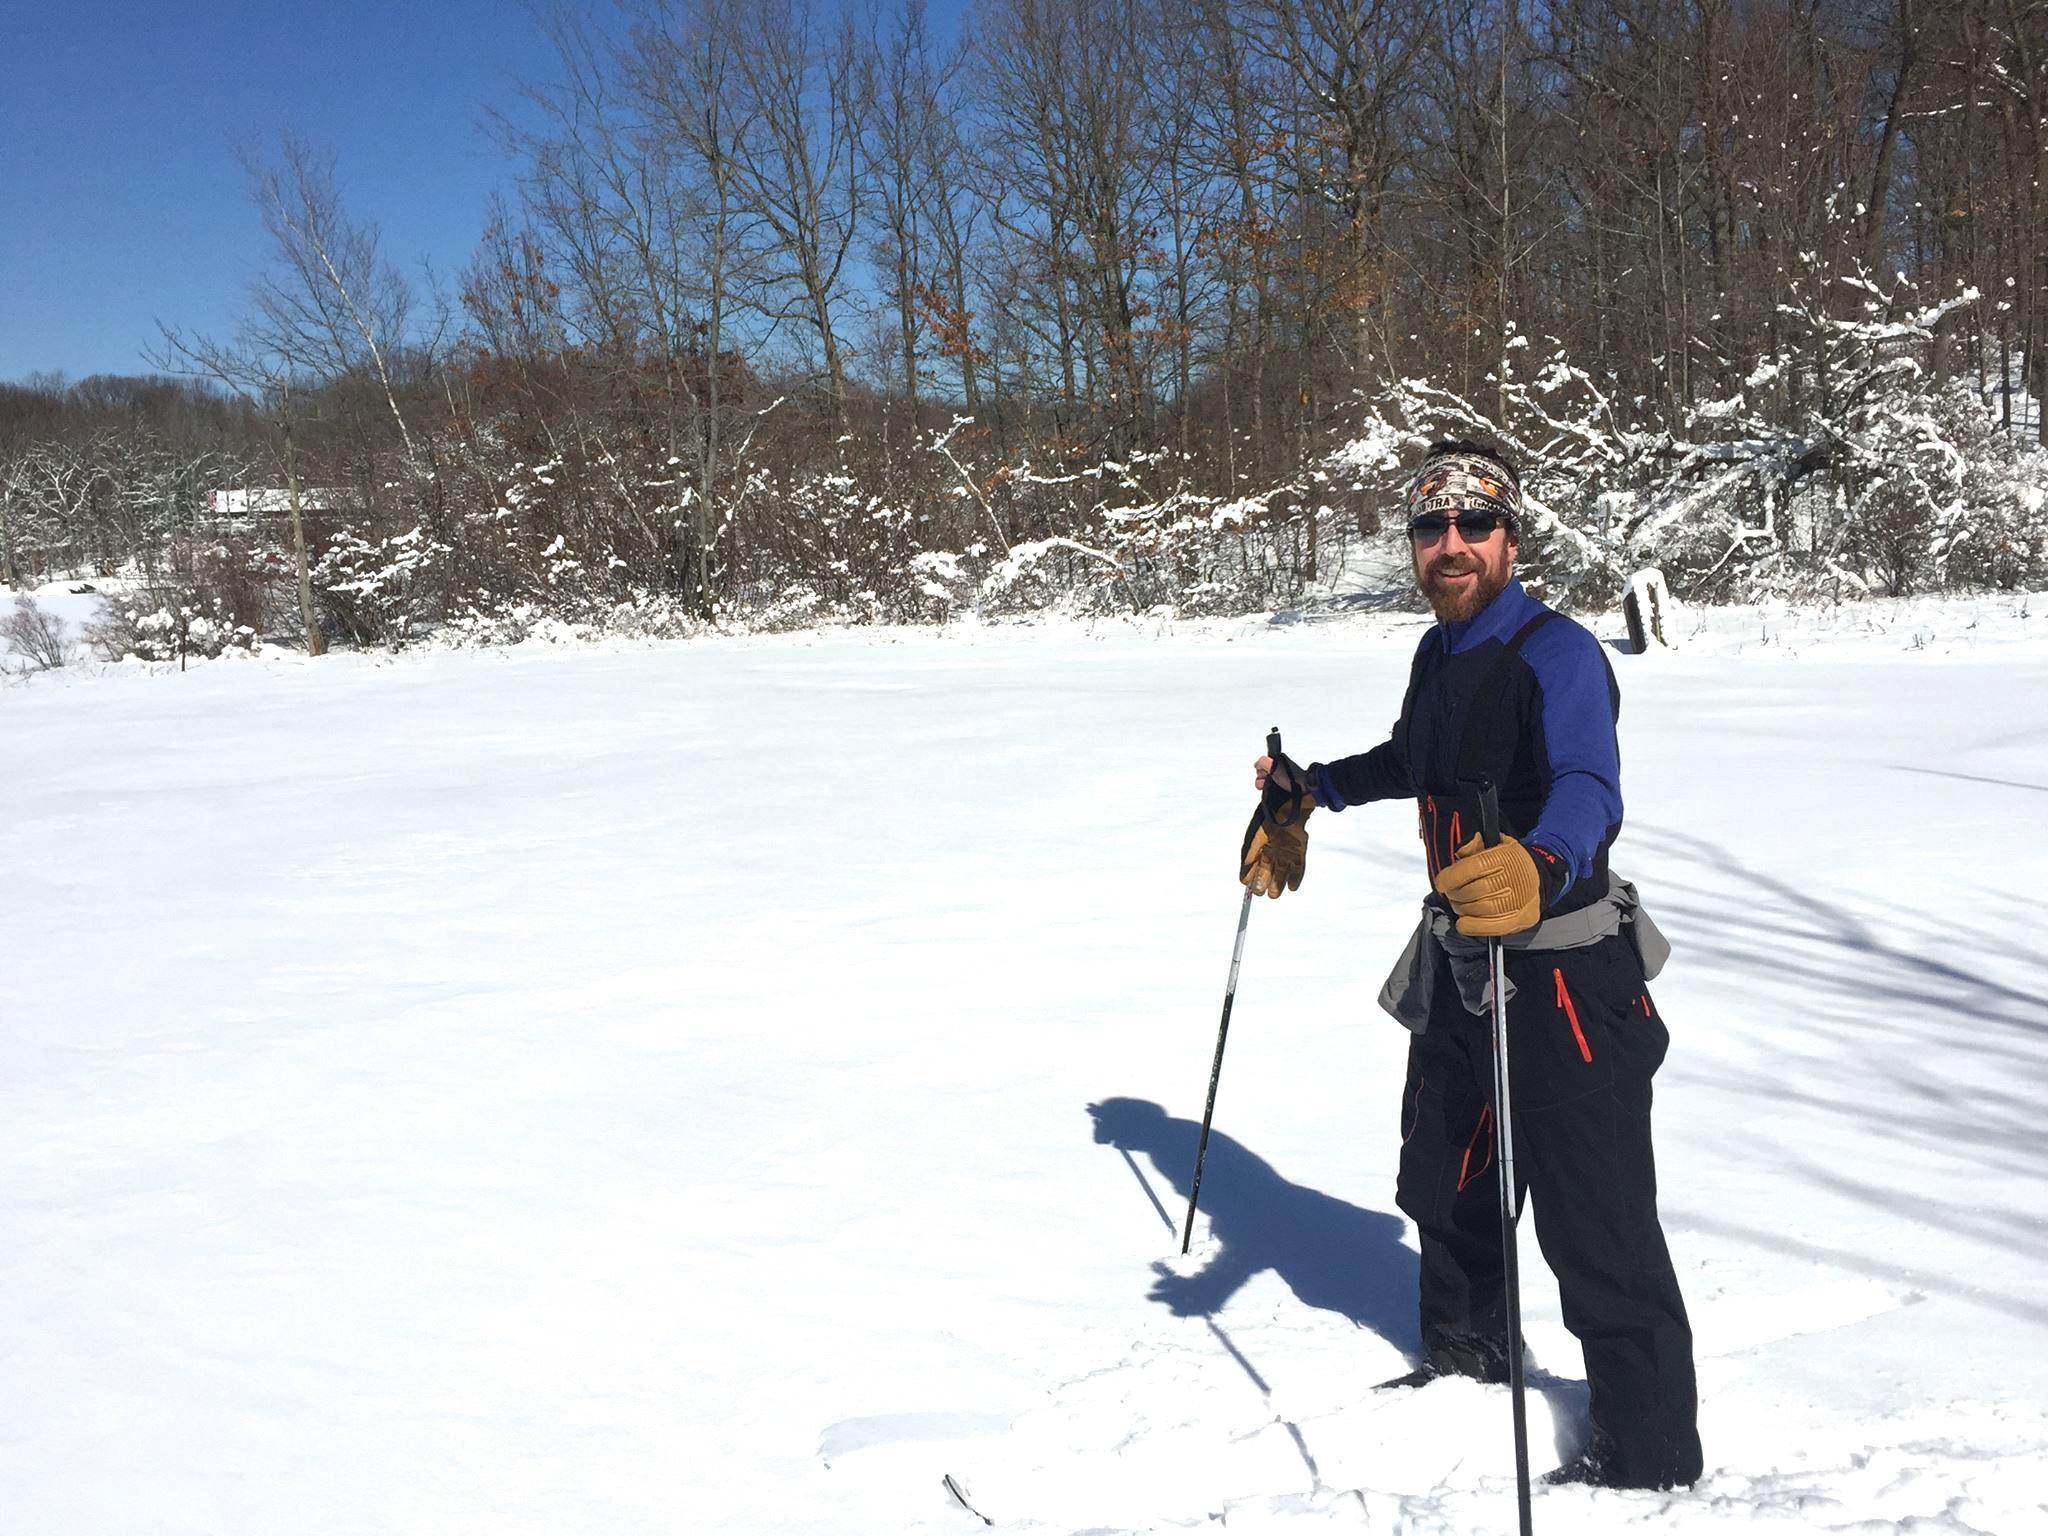 Dan McSwiggen, a regular runner along Greenbelt trails, switches to skis when necessary